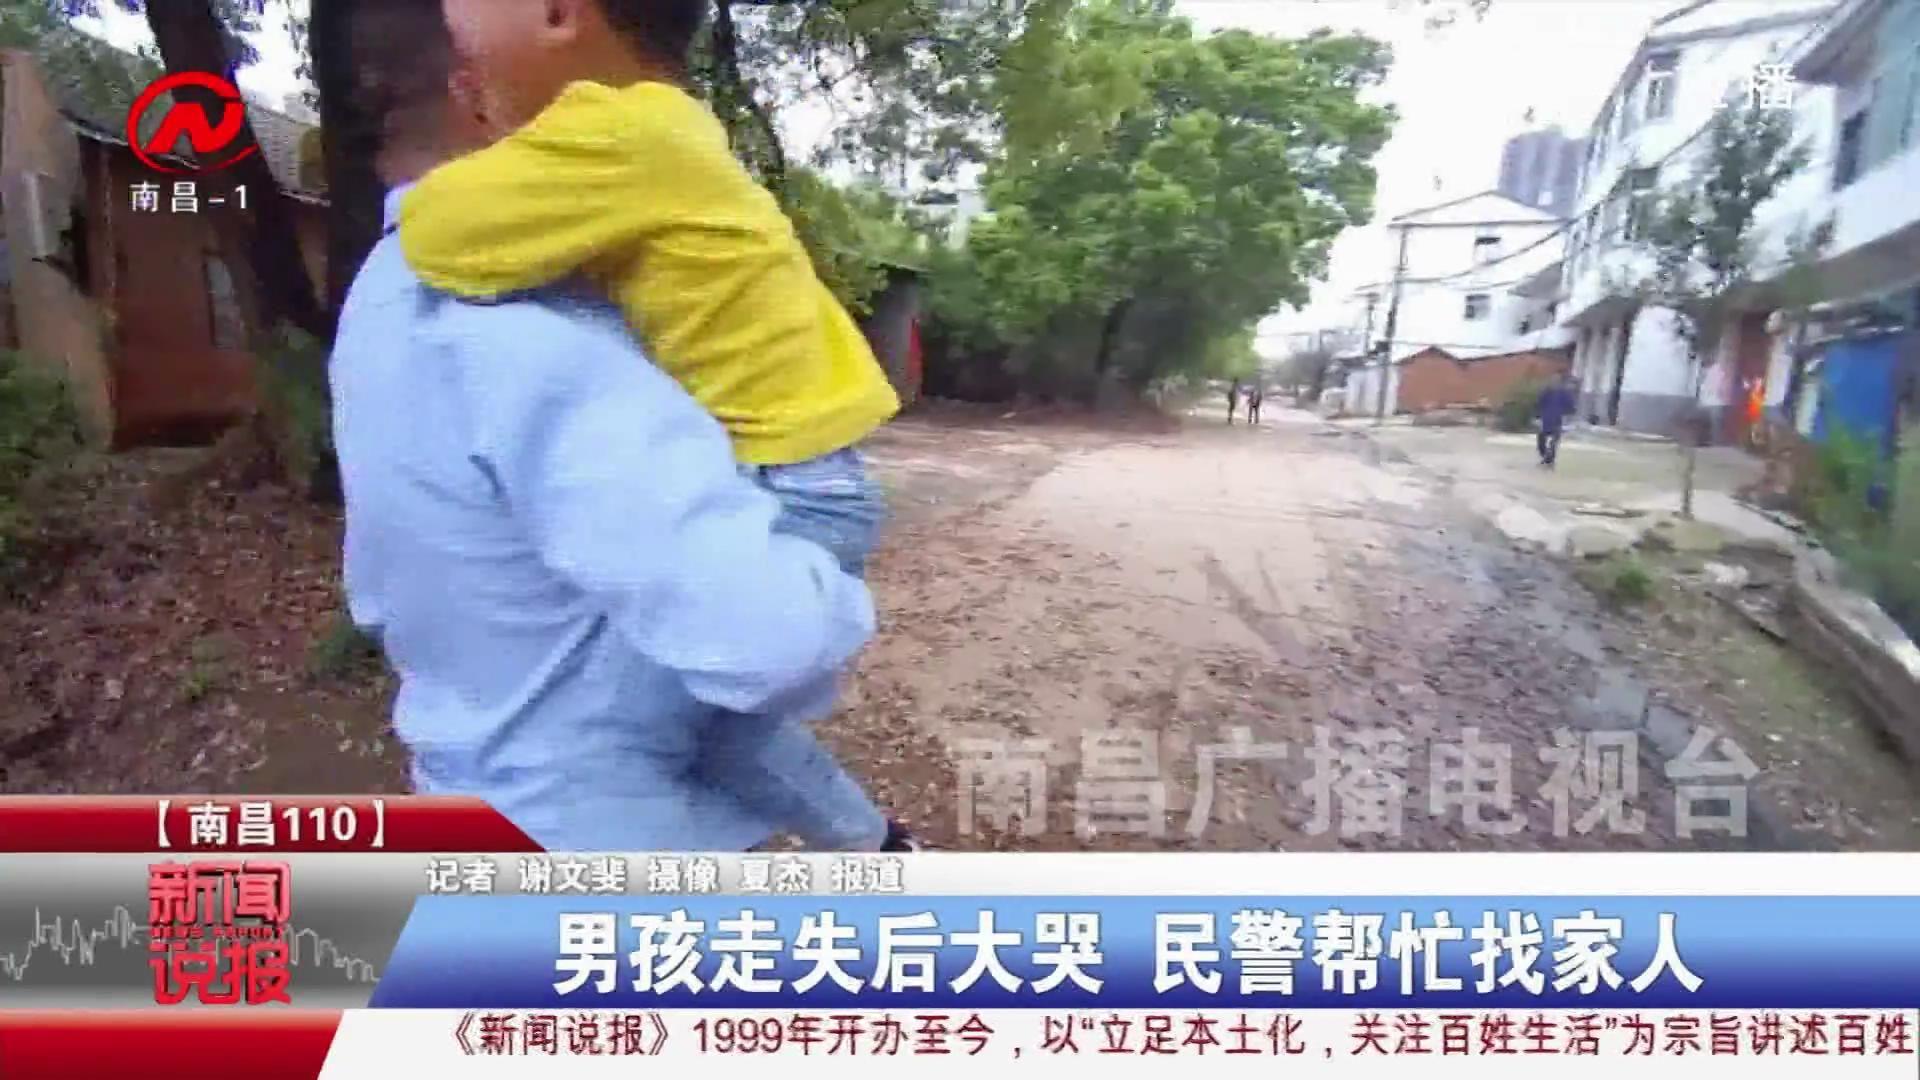 男孩走失后大哭 民警帮忙找家人